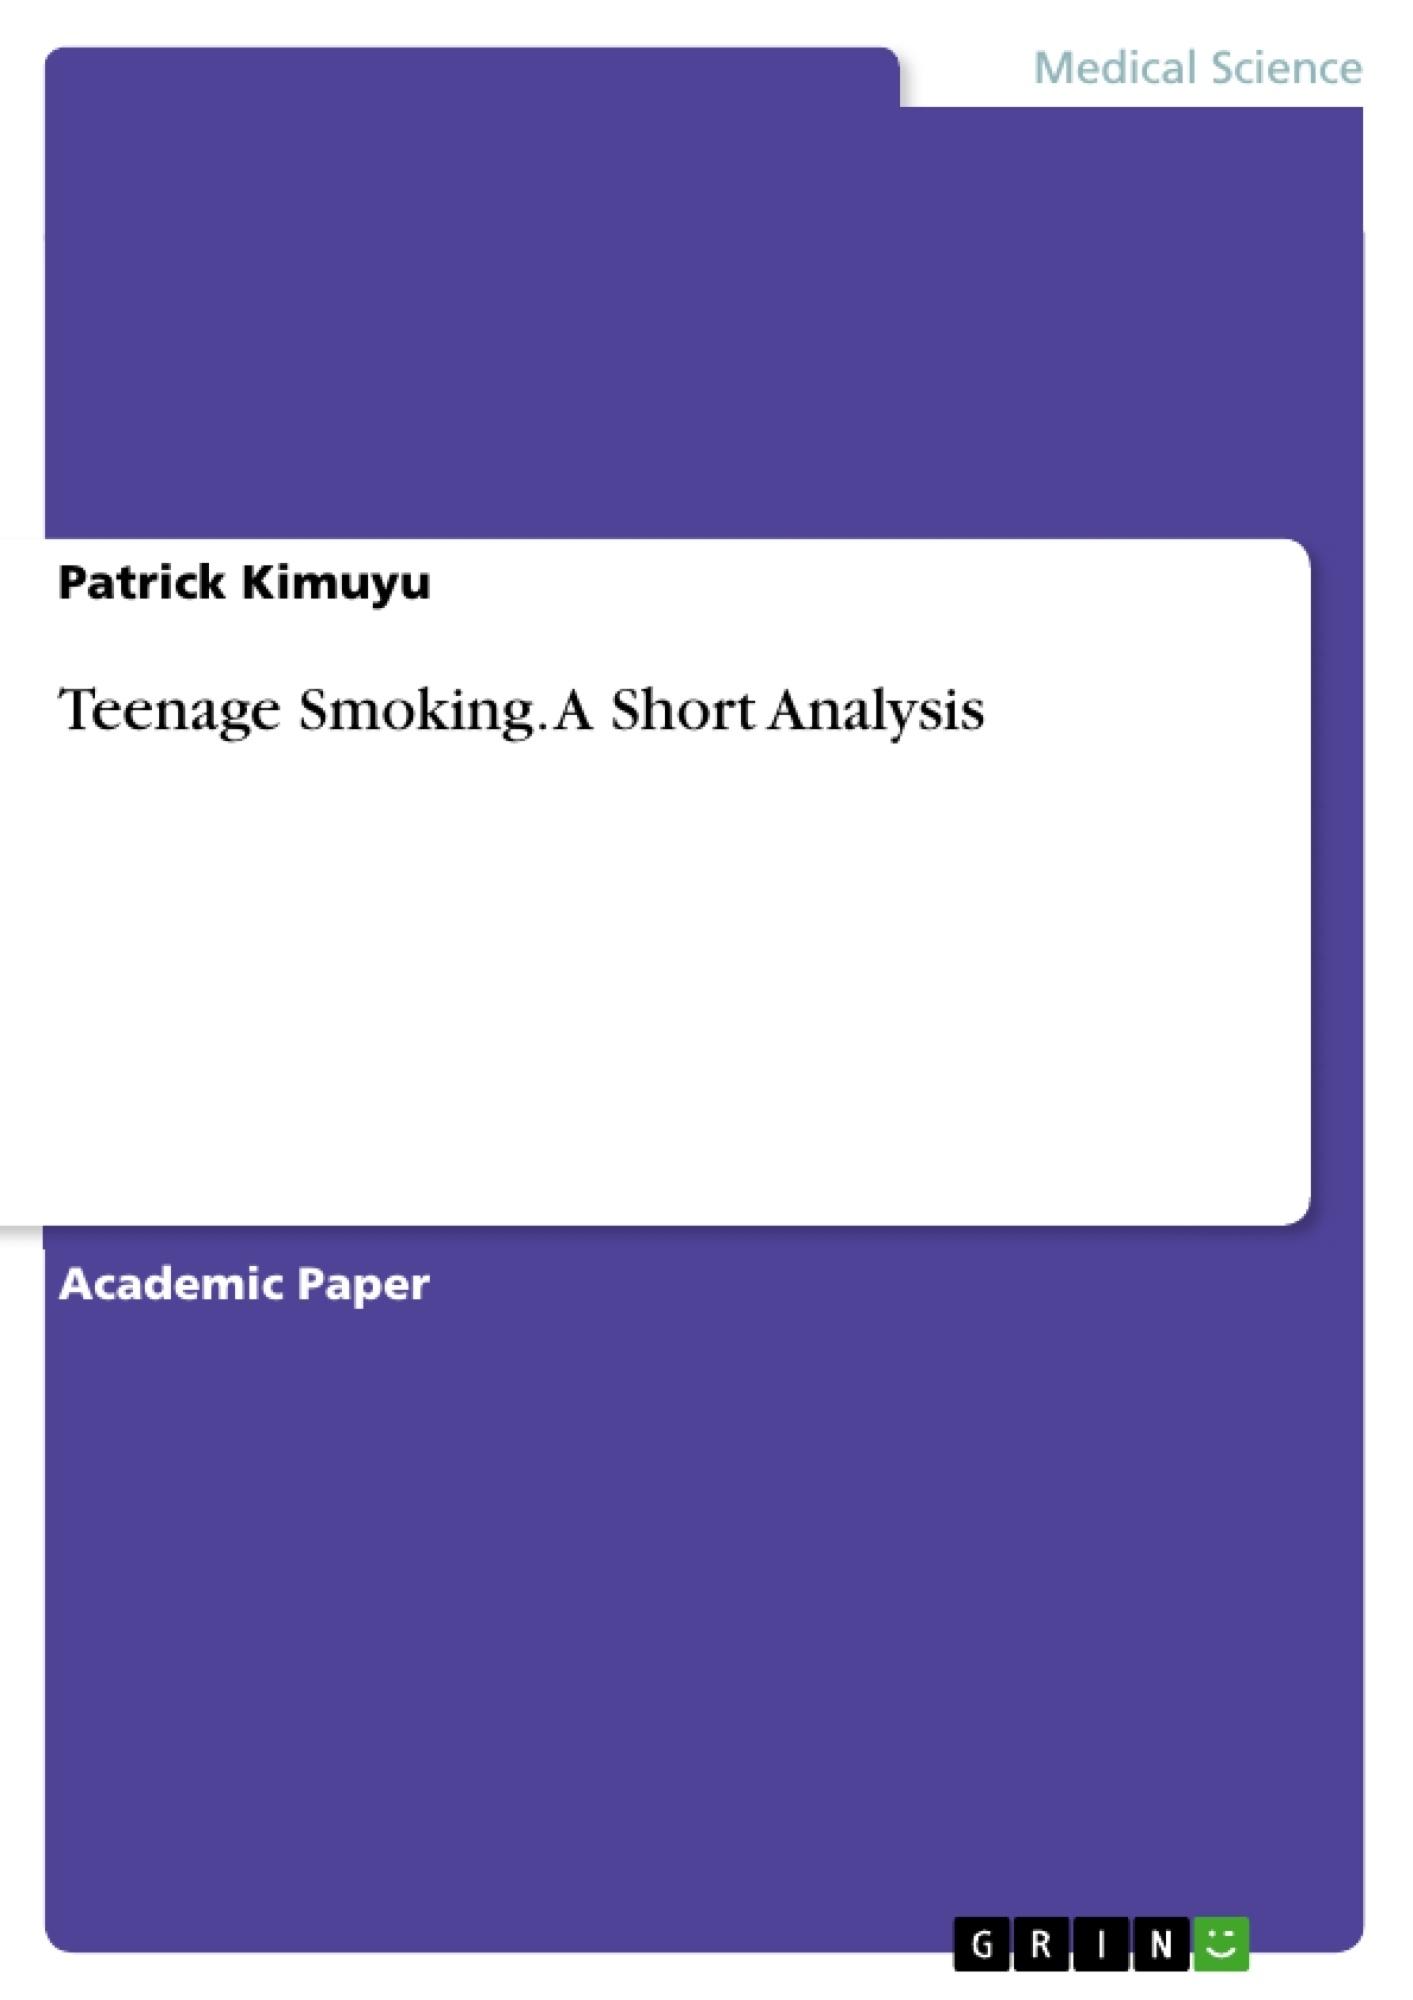 Title: Teenage Smoking. A Short Analysis